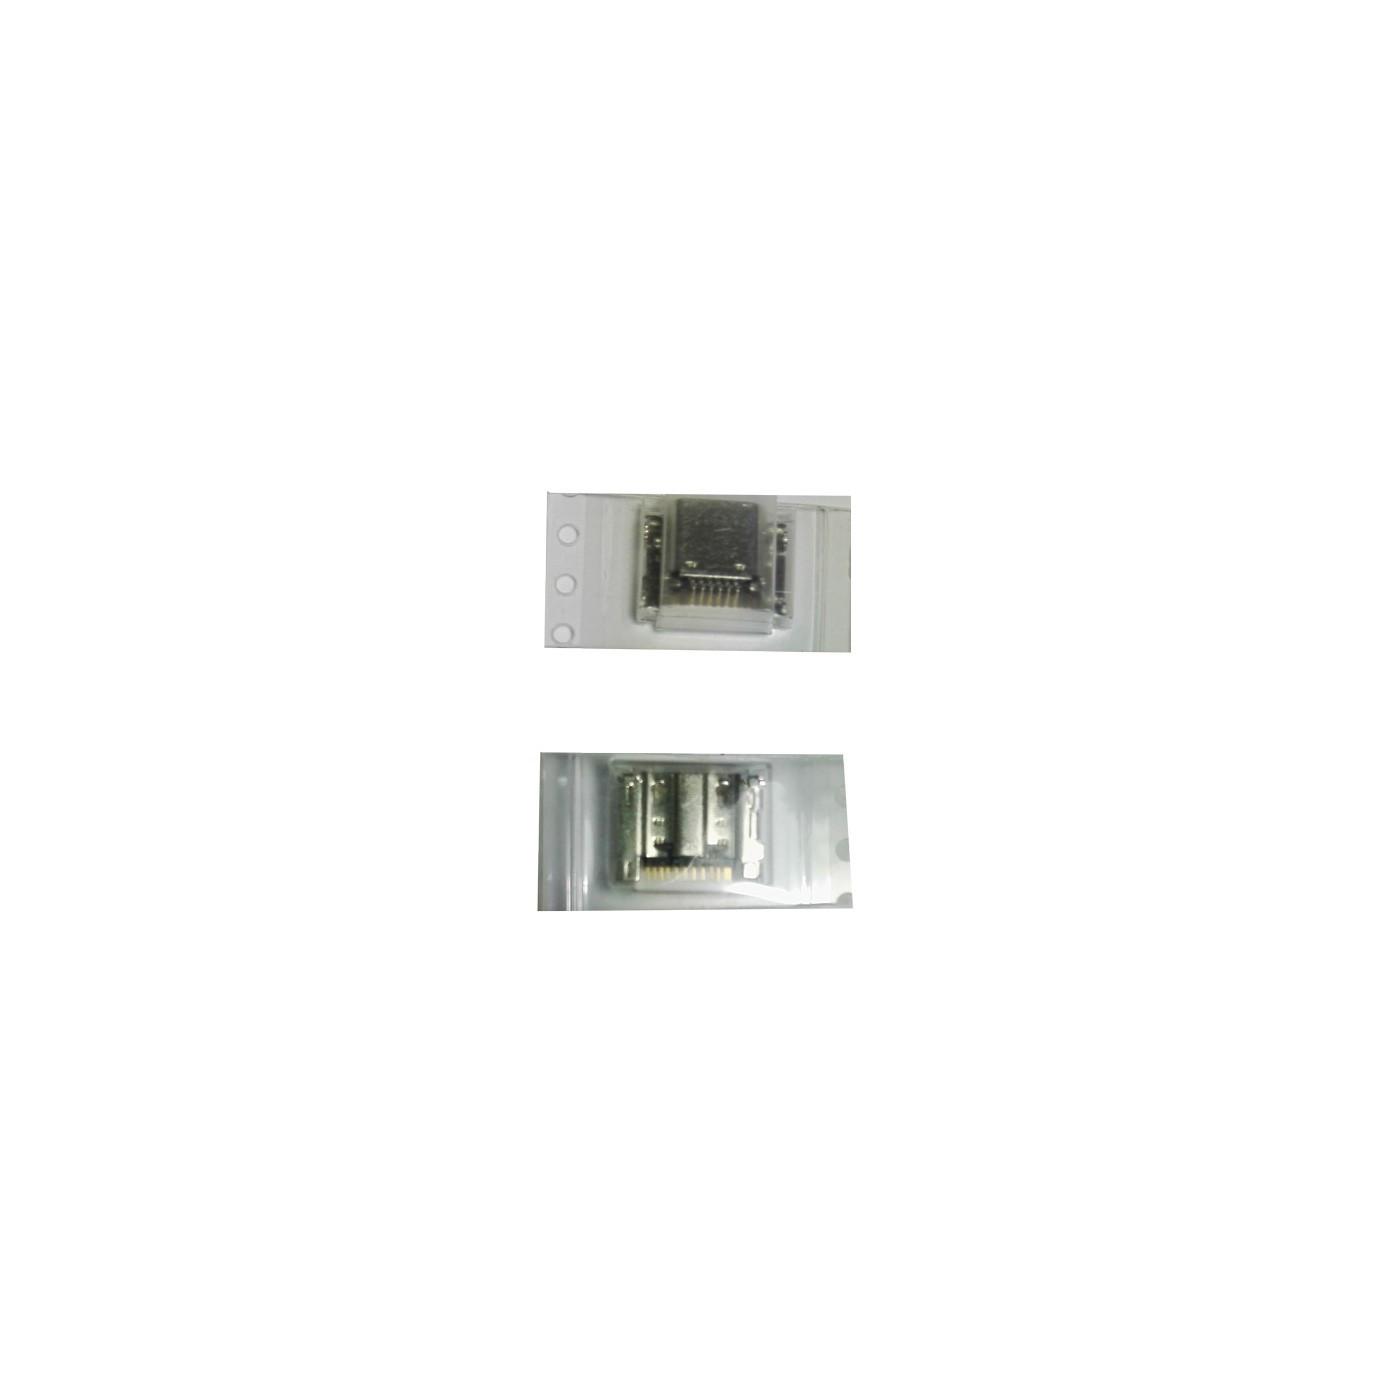 Connettore ricarica micro usb porta dati carica per Samsung Galaxy Tab 4 T330